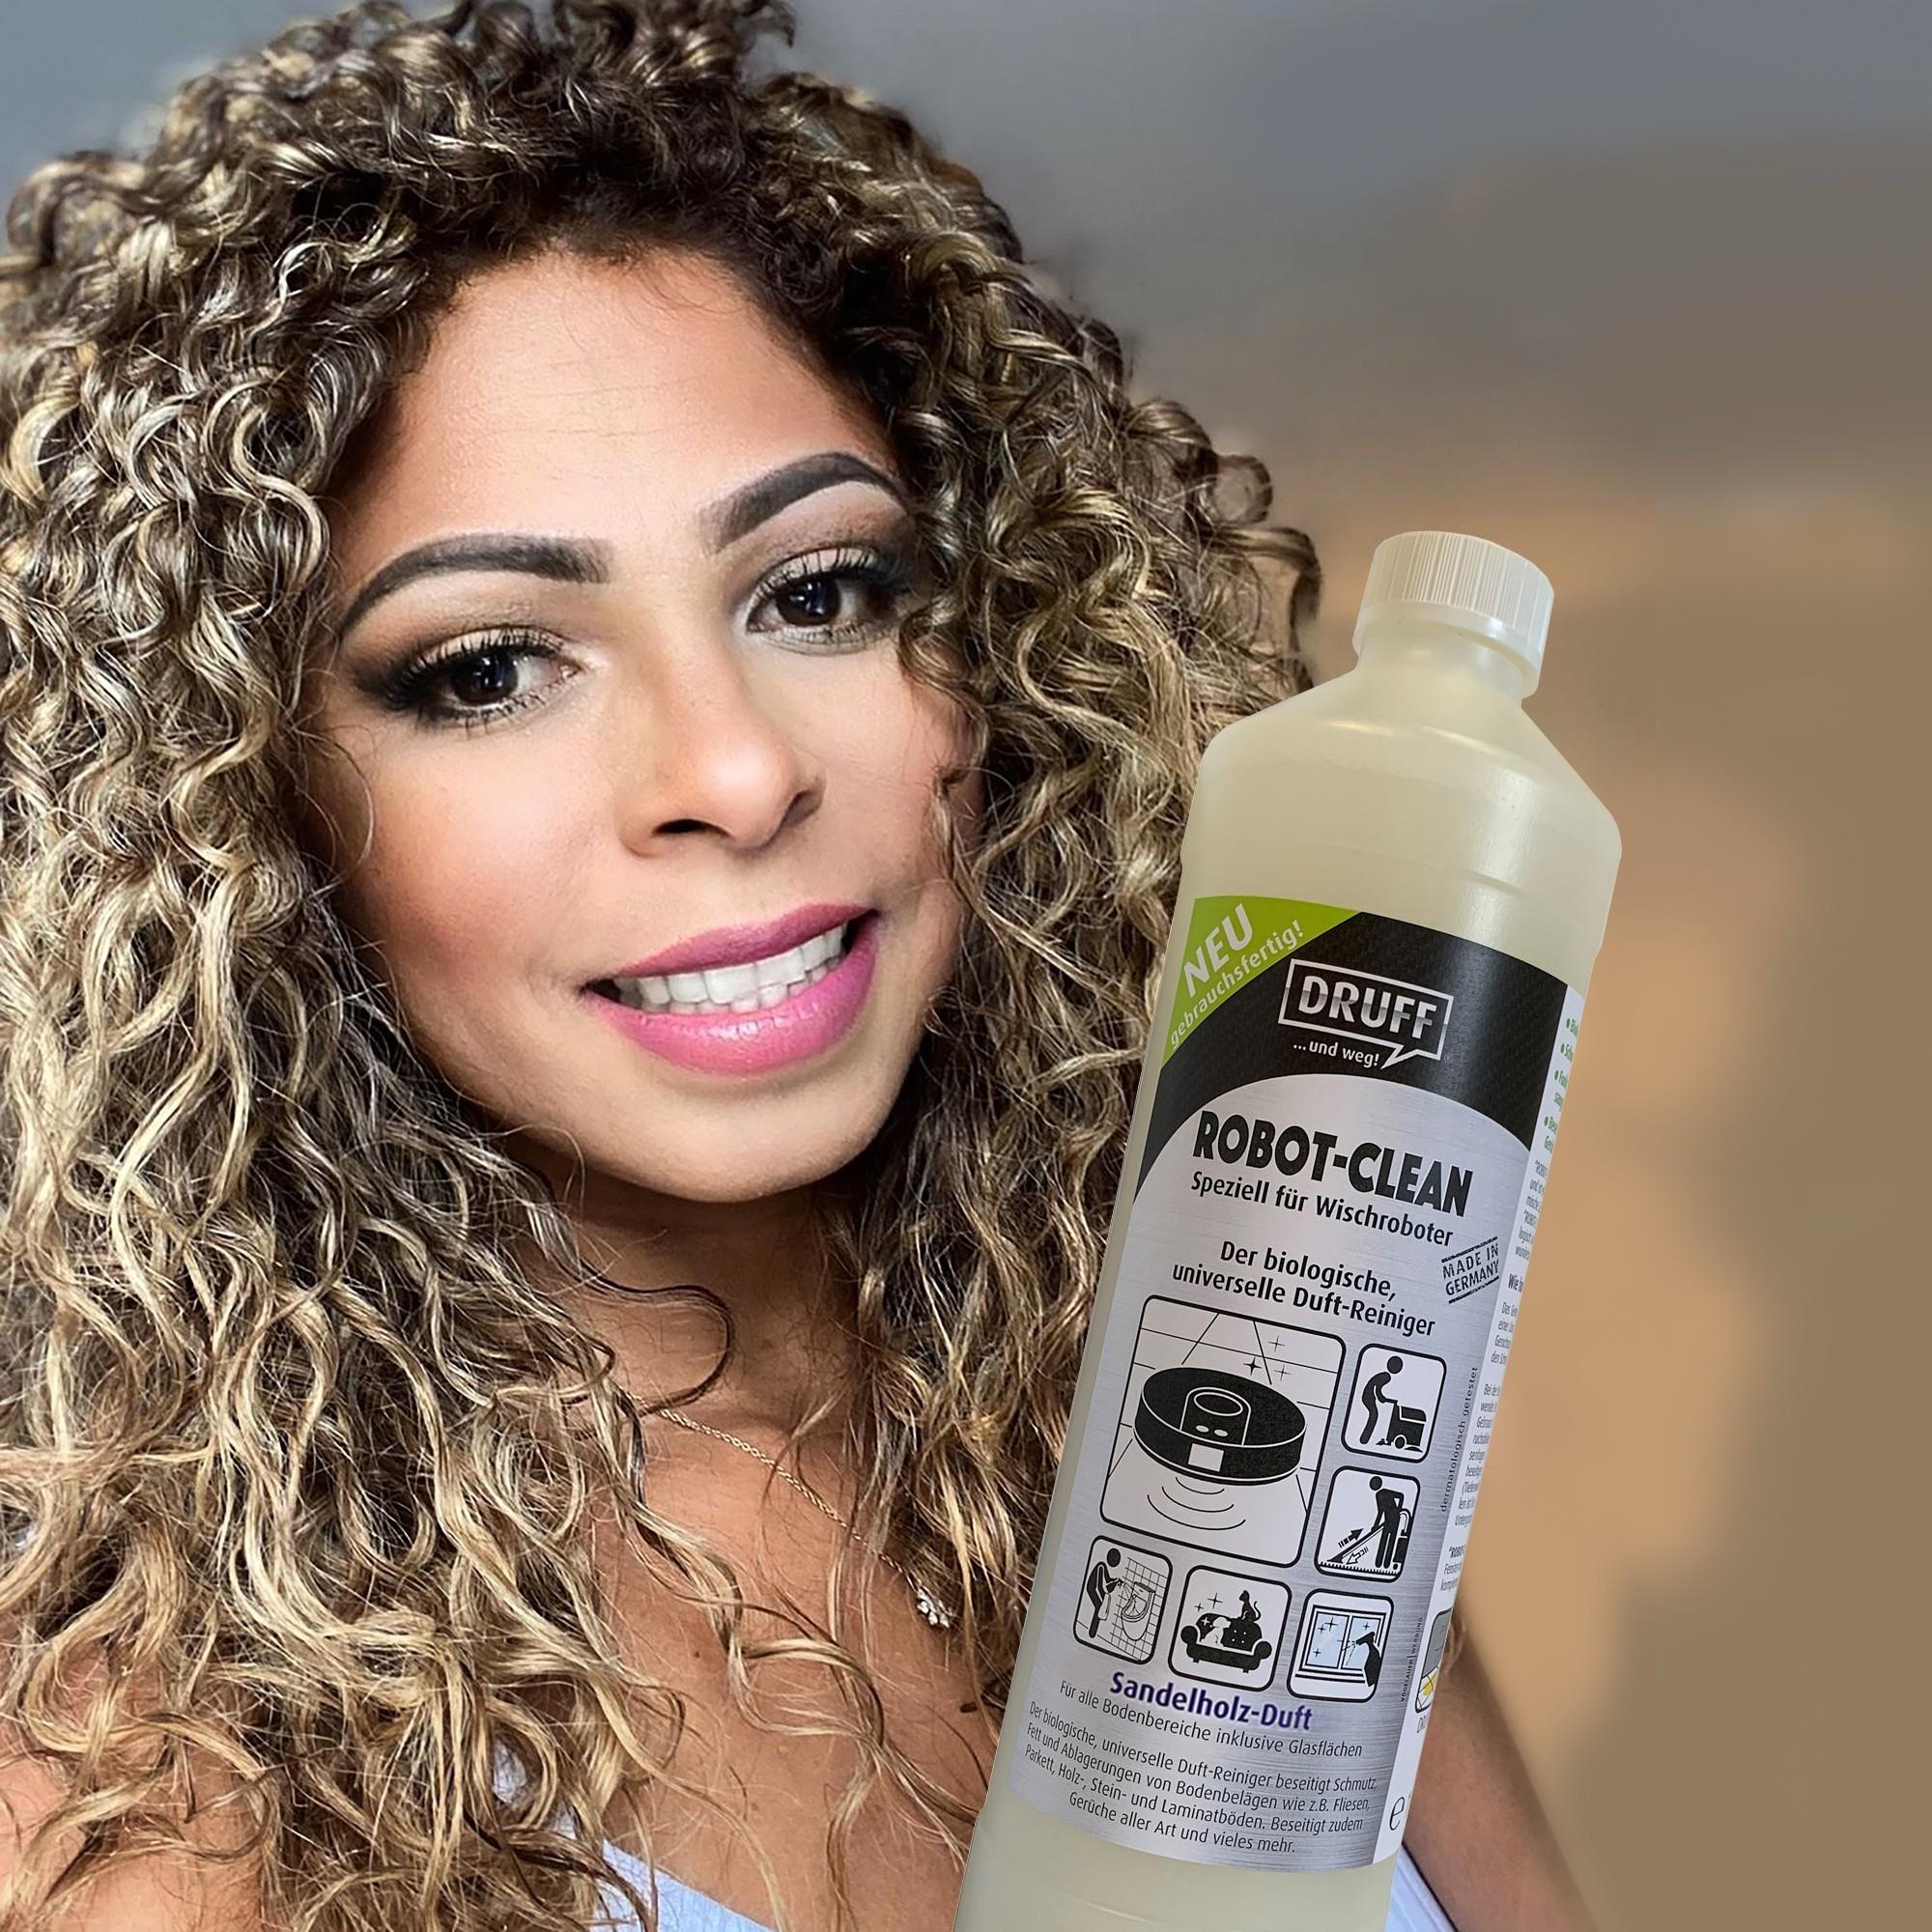 Dame mit Robot-Clean_SAH_gebr.fertig_2021-04-21